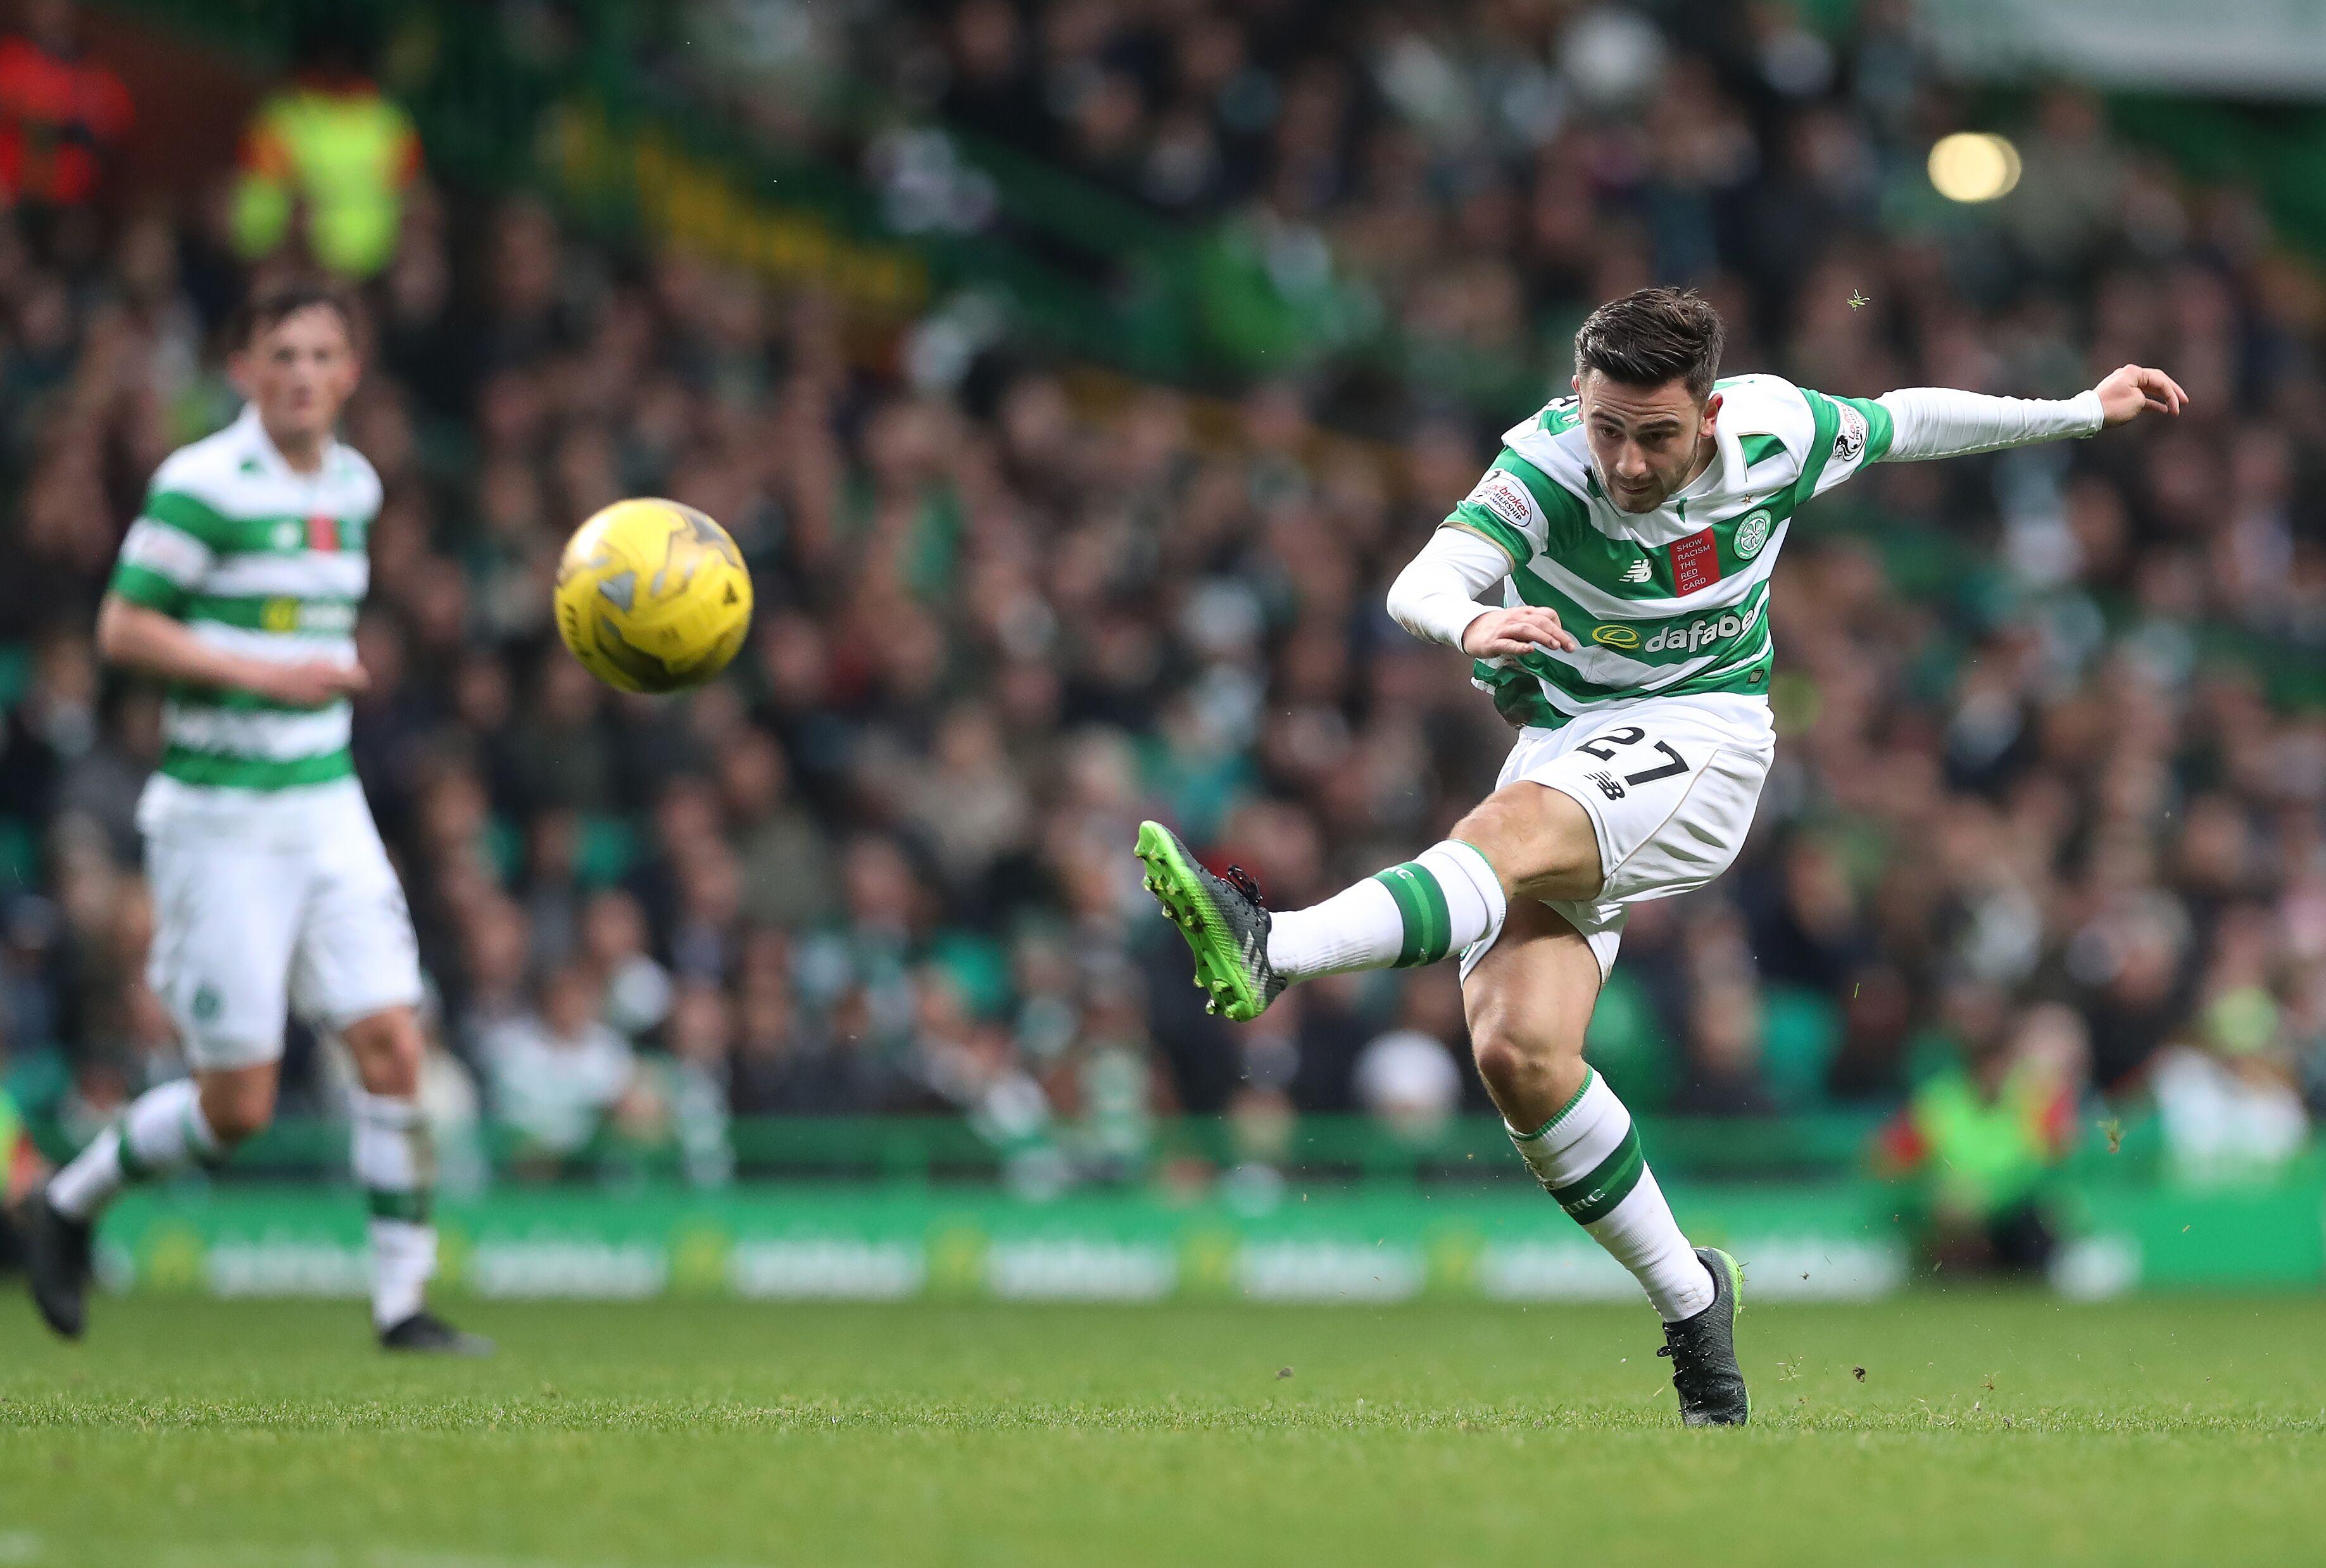 Celtic vs. Kilmarnock: Confirmed Starting XI's